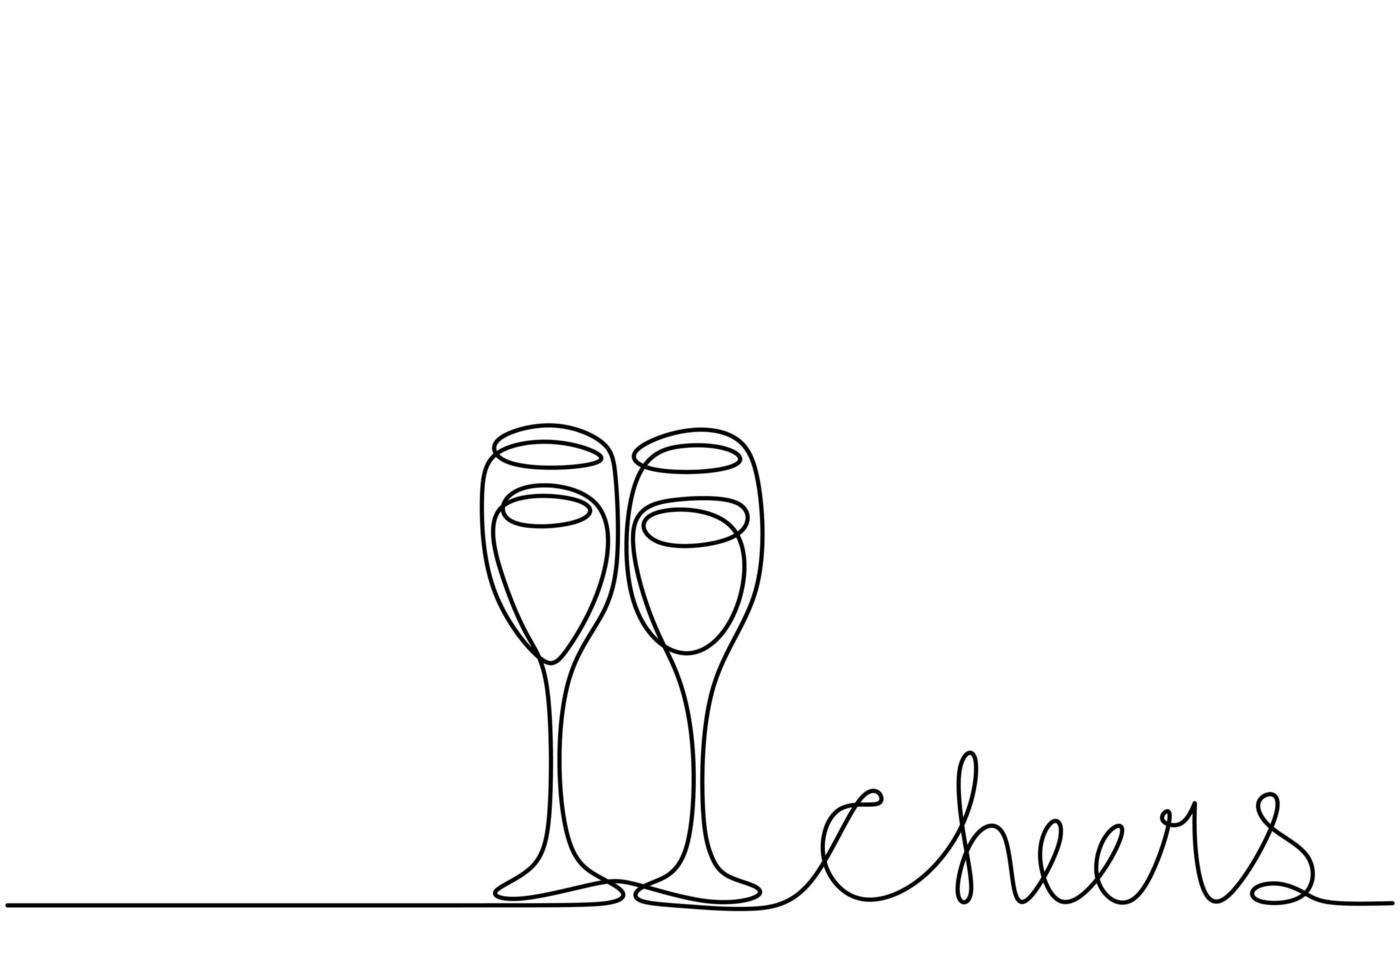 desenho de uma linha contínua. torcendo com taças de vinho ou champanhe. minimalismo esboço mão desenhada isolado no fundo branco. estilo abstrato de arte linha simplicidade. vetor